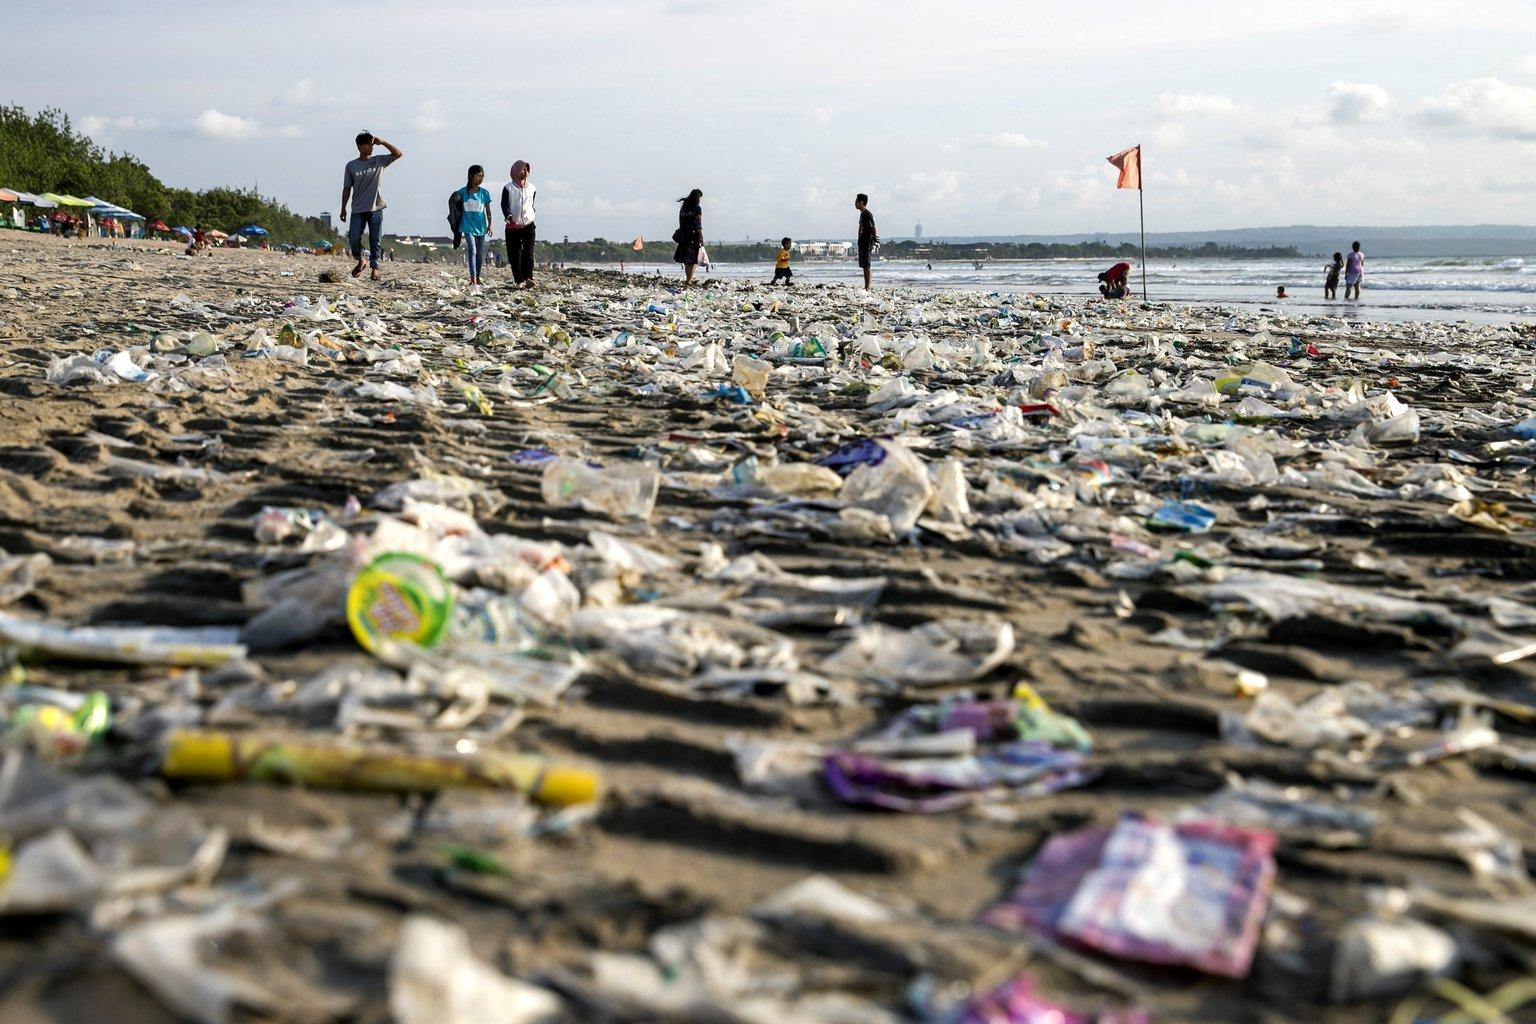 Partra sodort műanyaghulladék borítja a Bali indonéz sziget Denpasar városának Kuta nevű strandját (MTI/EPA/Madi Nagi)